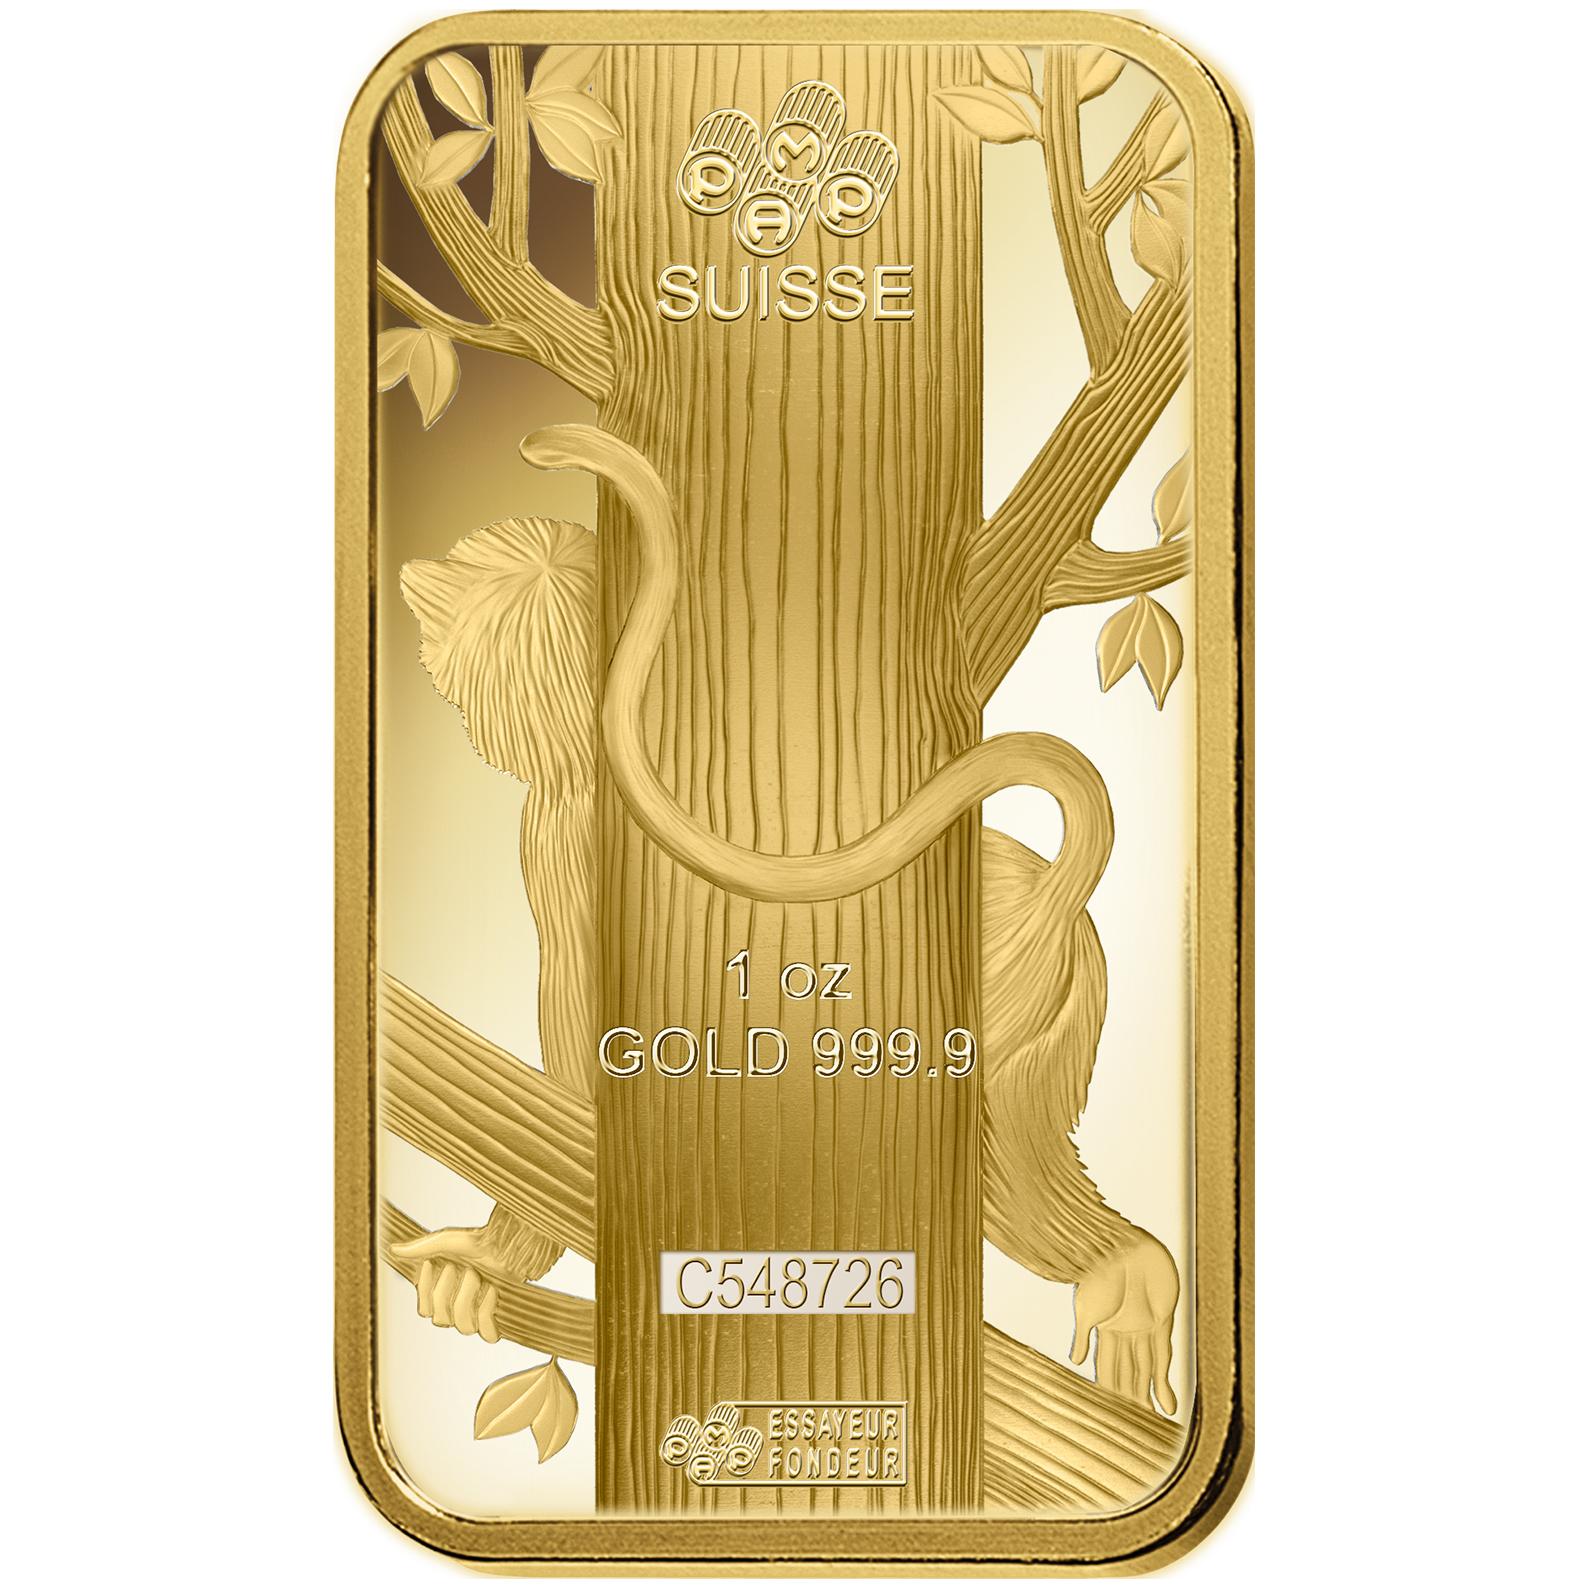 1 oz Gold Bar - PAMP Suisse Lunar Monkey